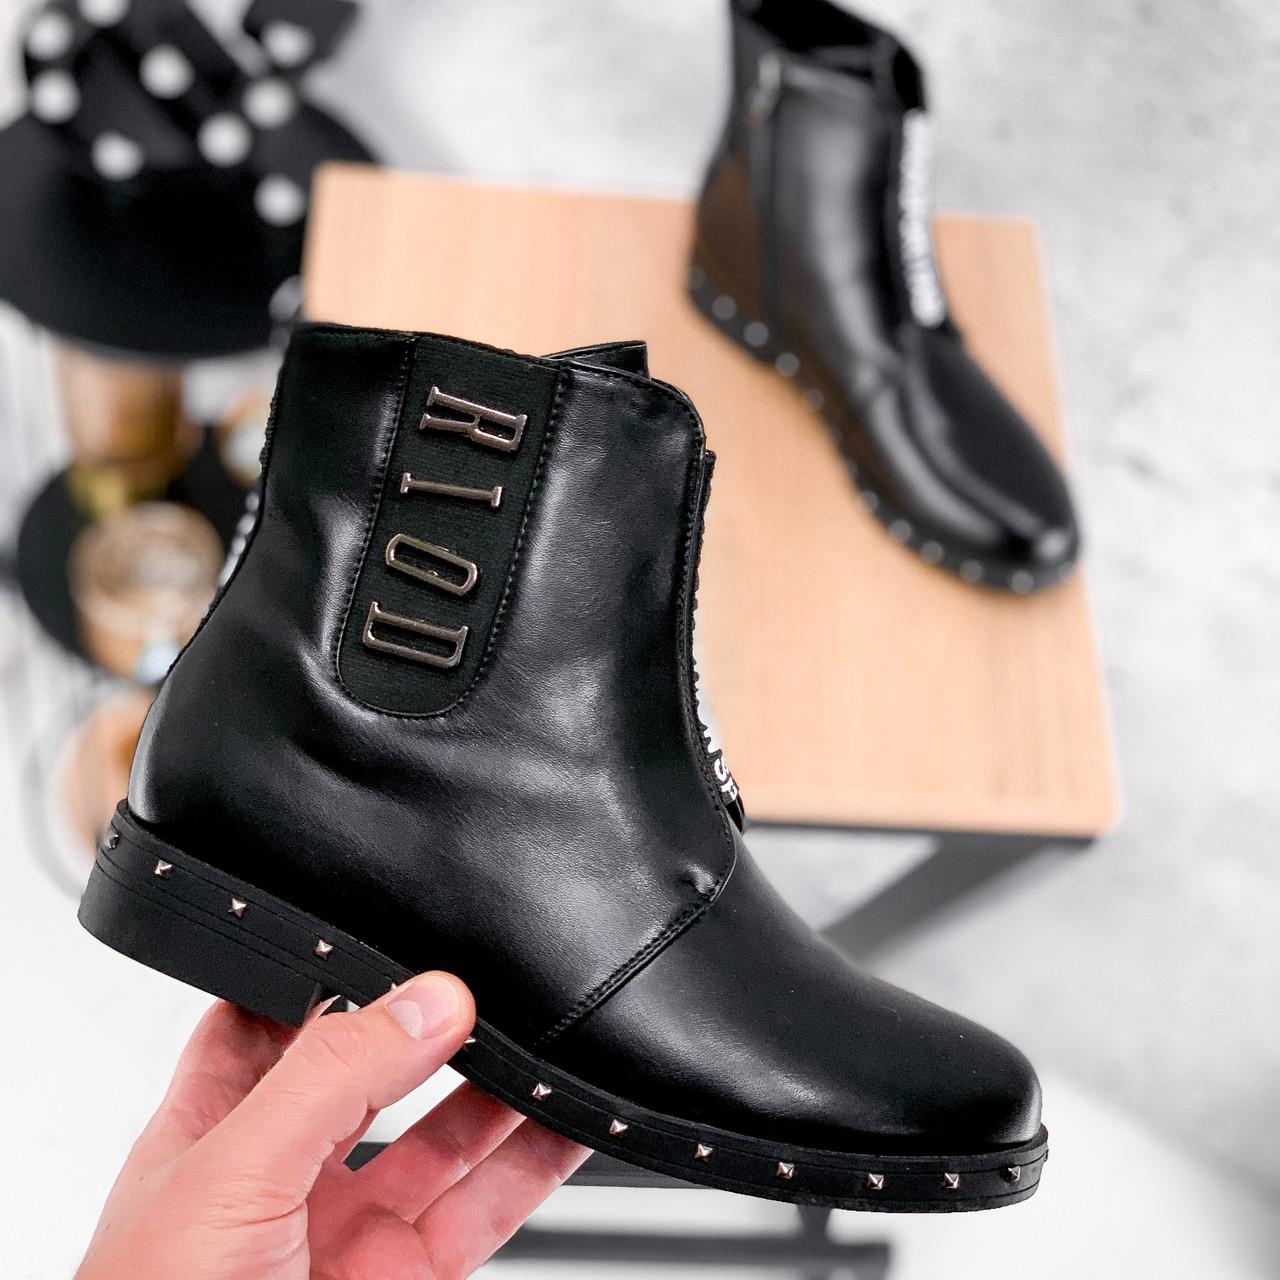 Ботинки женские Eily черные ДЕМИ 2418